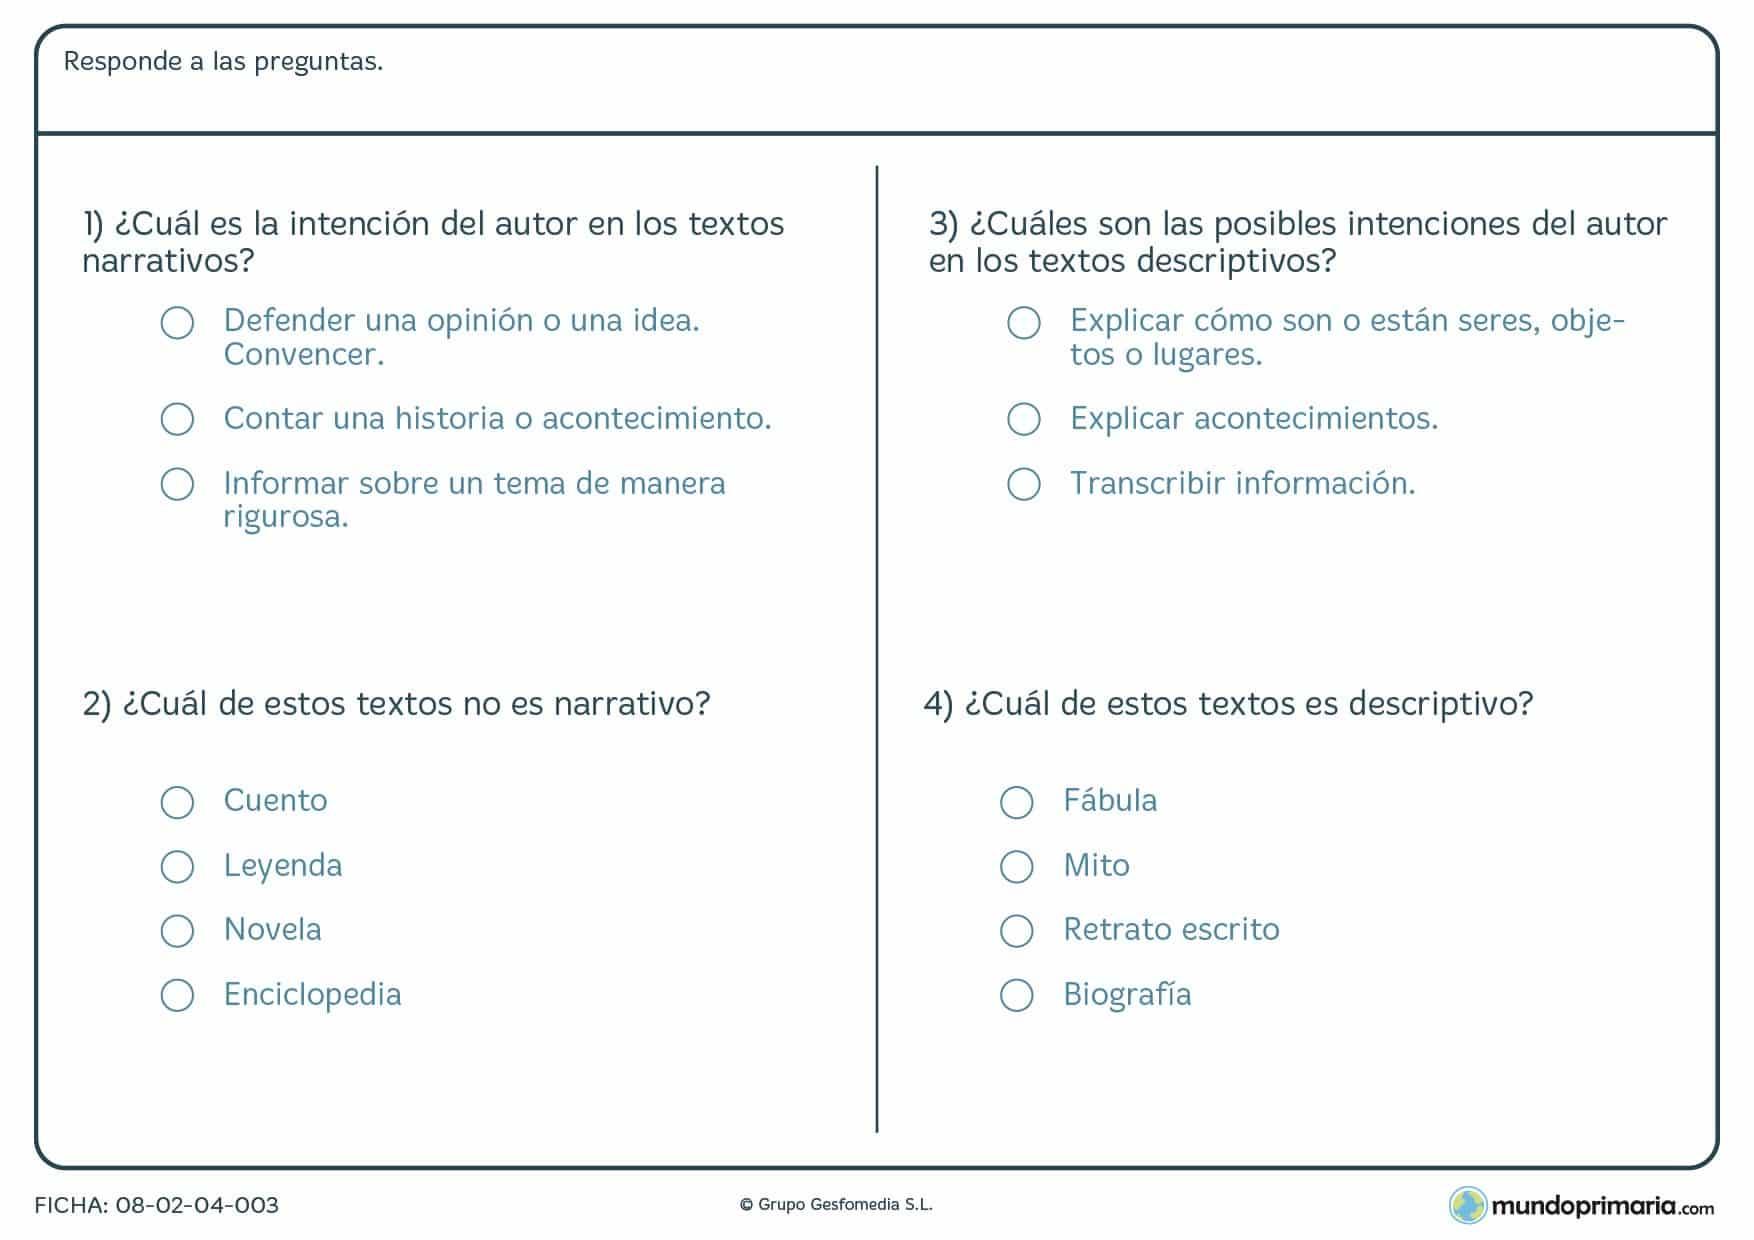 Ficha de responder a las preguntas sobre textos para niños de Primaria